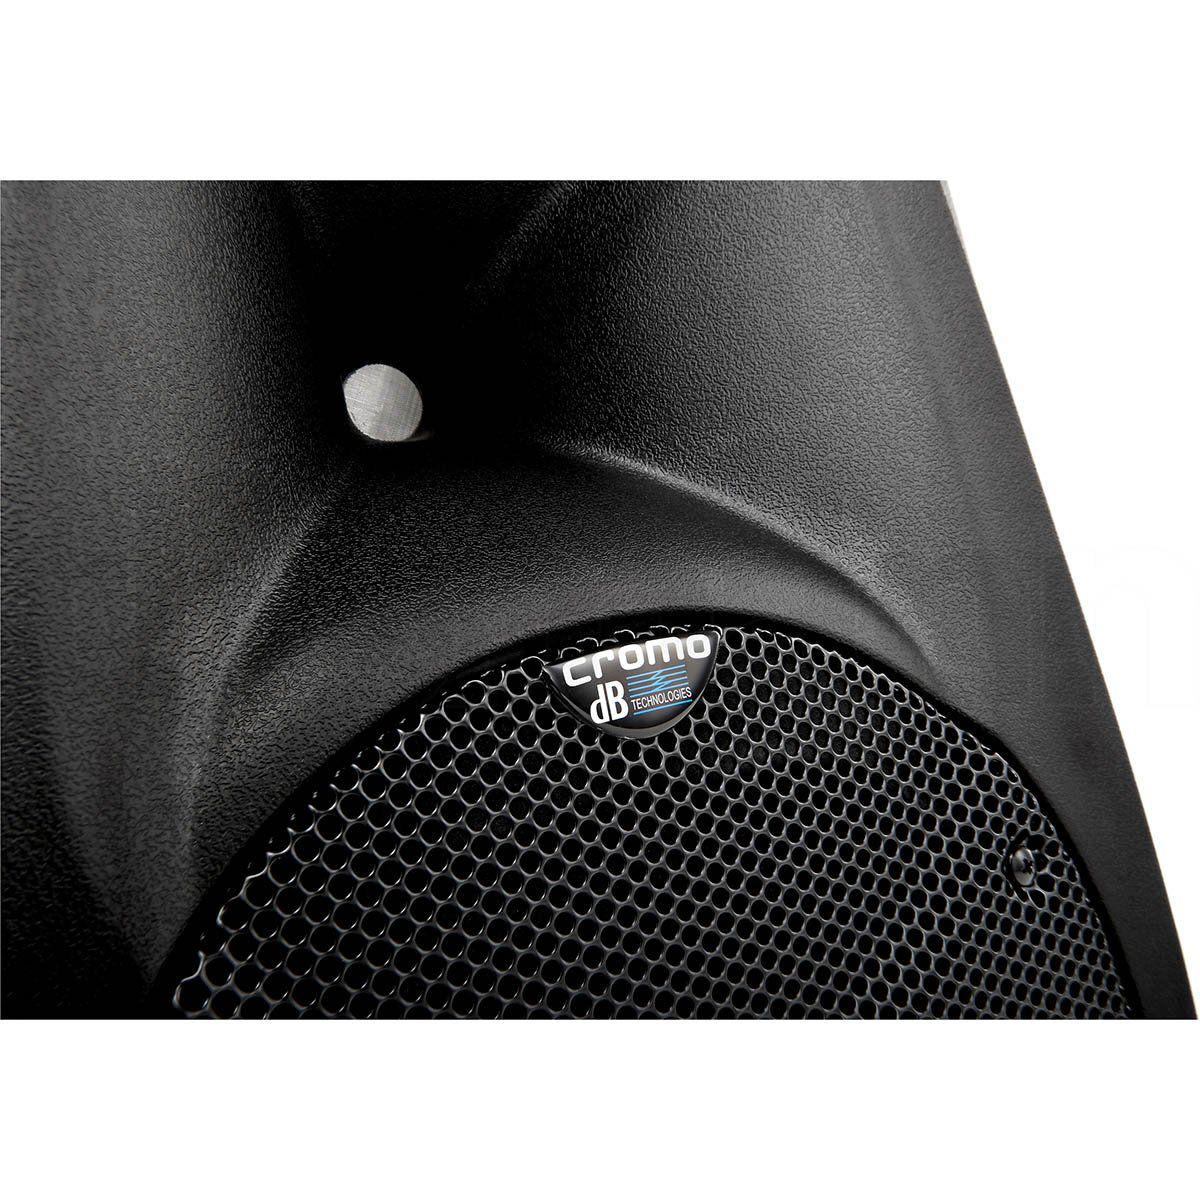 dB Technologies Cromo 12+ Caixa de Som Cromo12+ Ativa Acústica 600W para Vocais